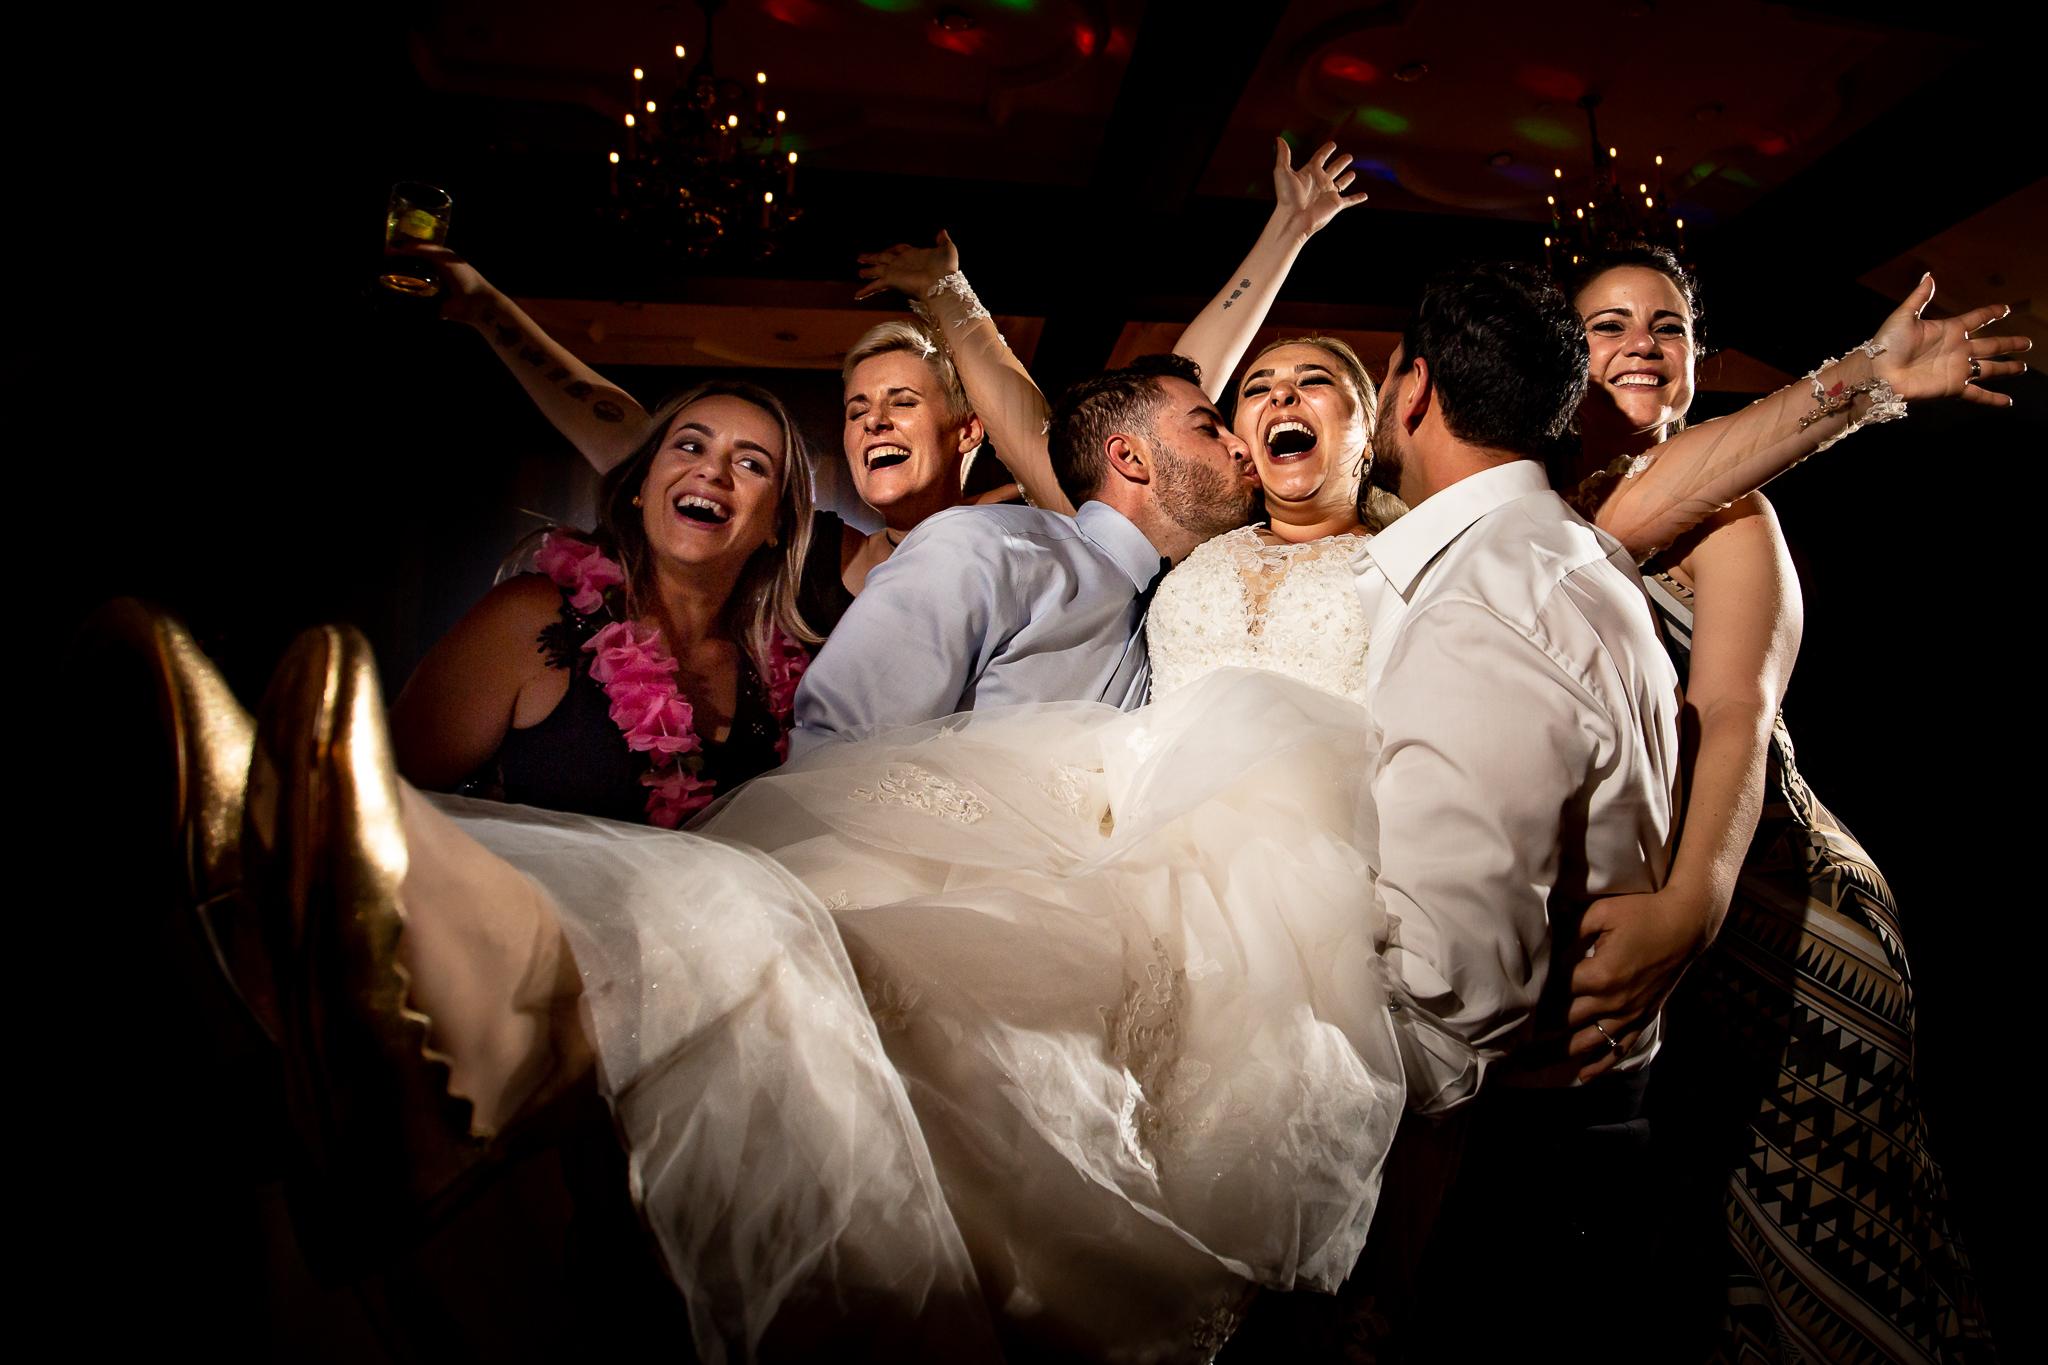 old-mill-wedding-photos-18.jpg